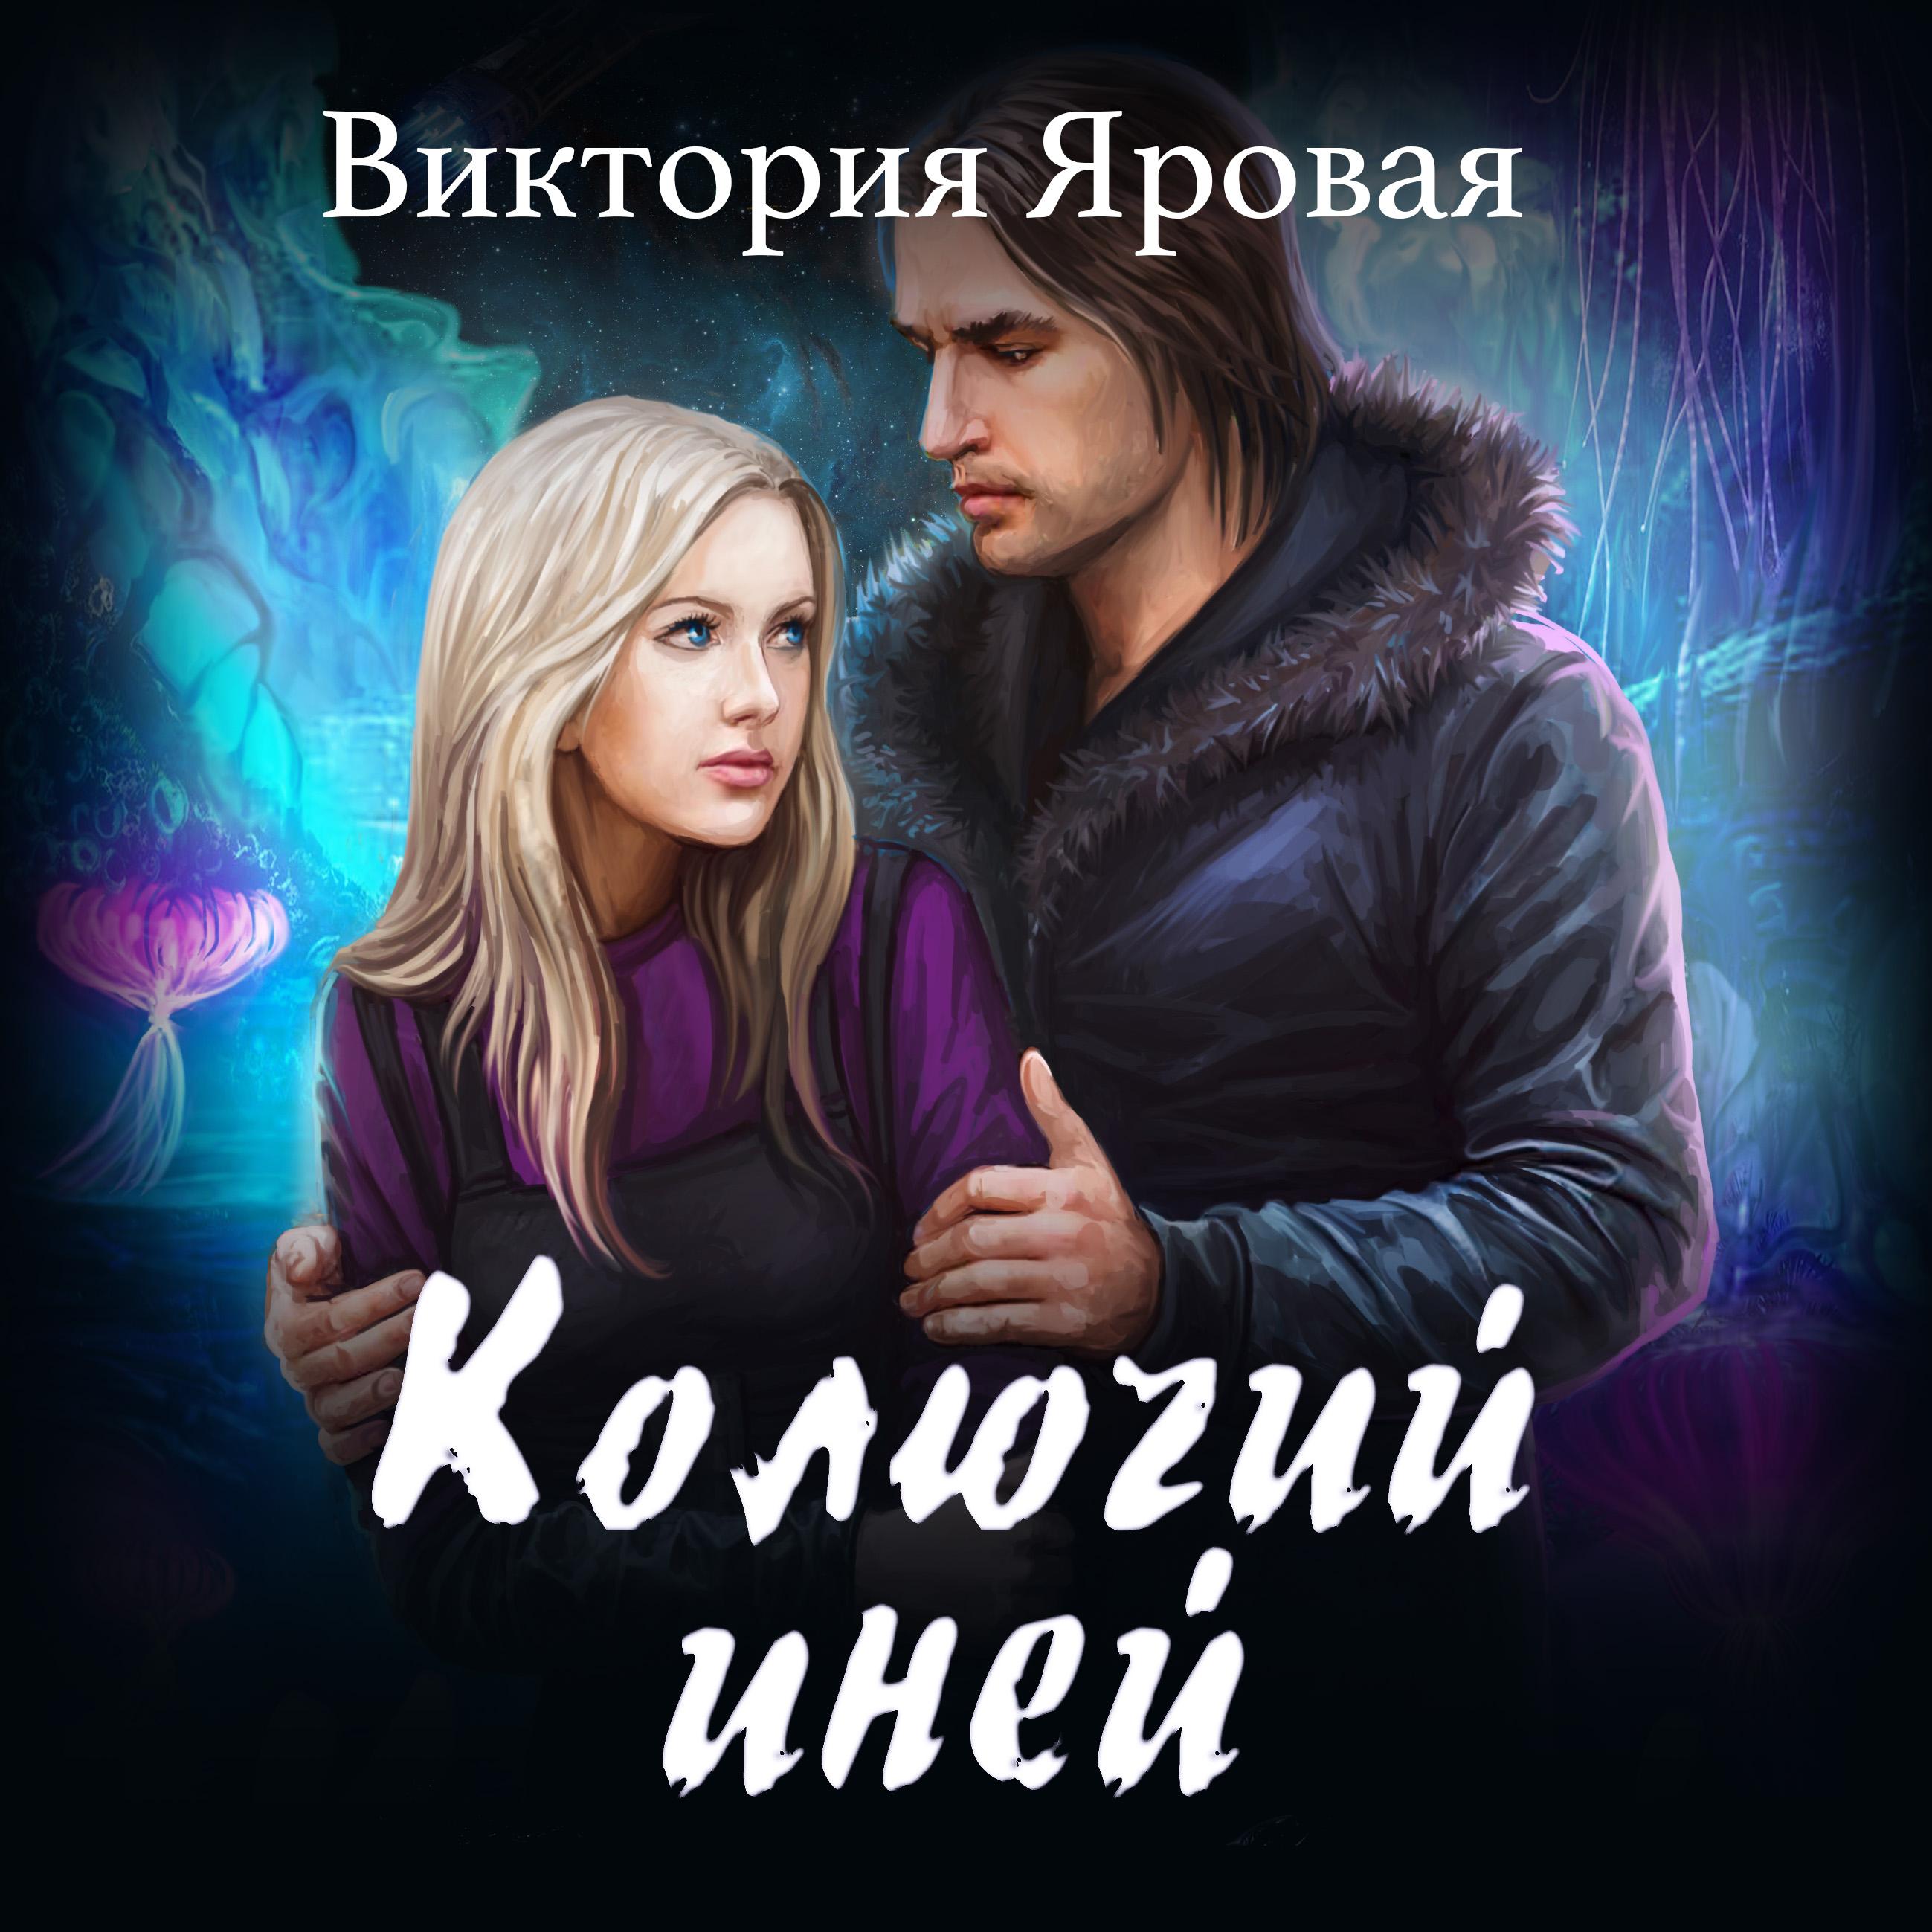 Купить книгу Колючий иней, автора Виктории Яровой